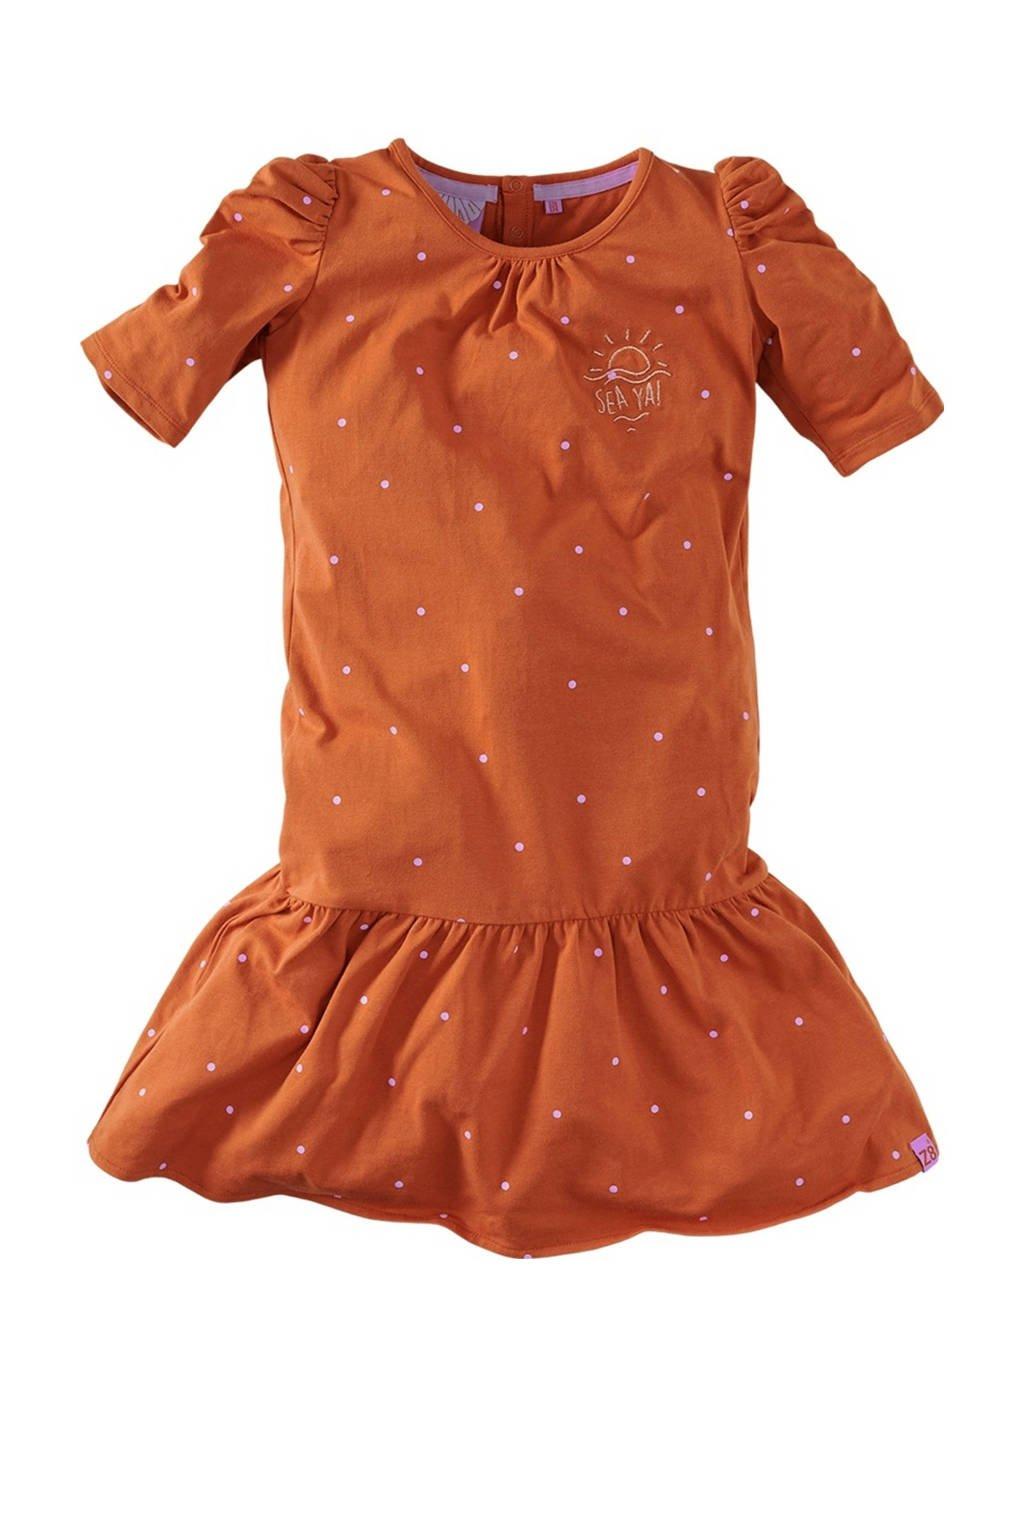 Z8 jurk Mae met all over print en plooien roestbruin/lichtroze, Roestbruin/lichtroze